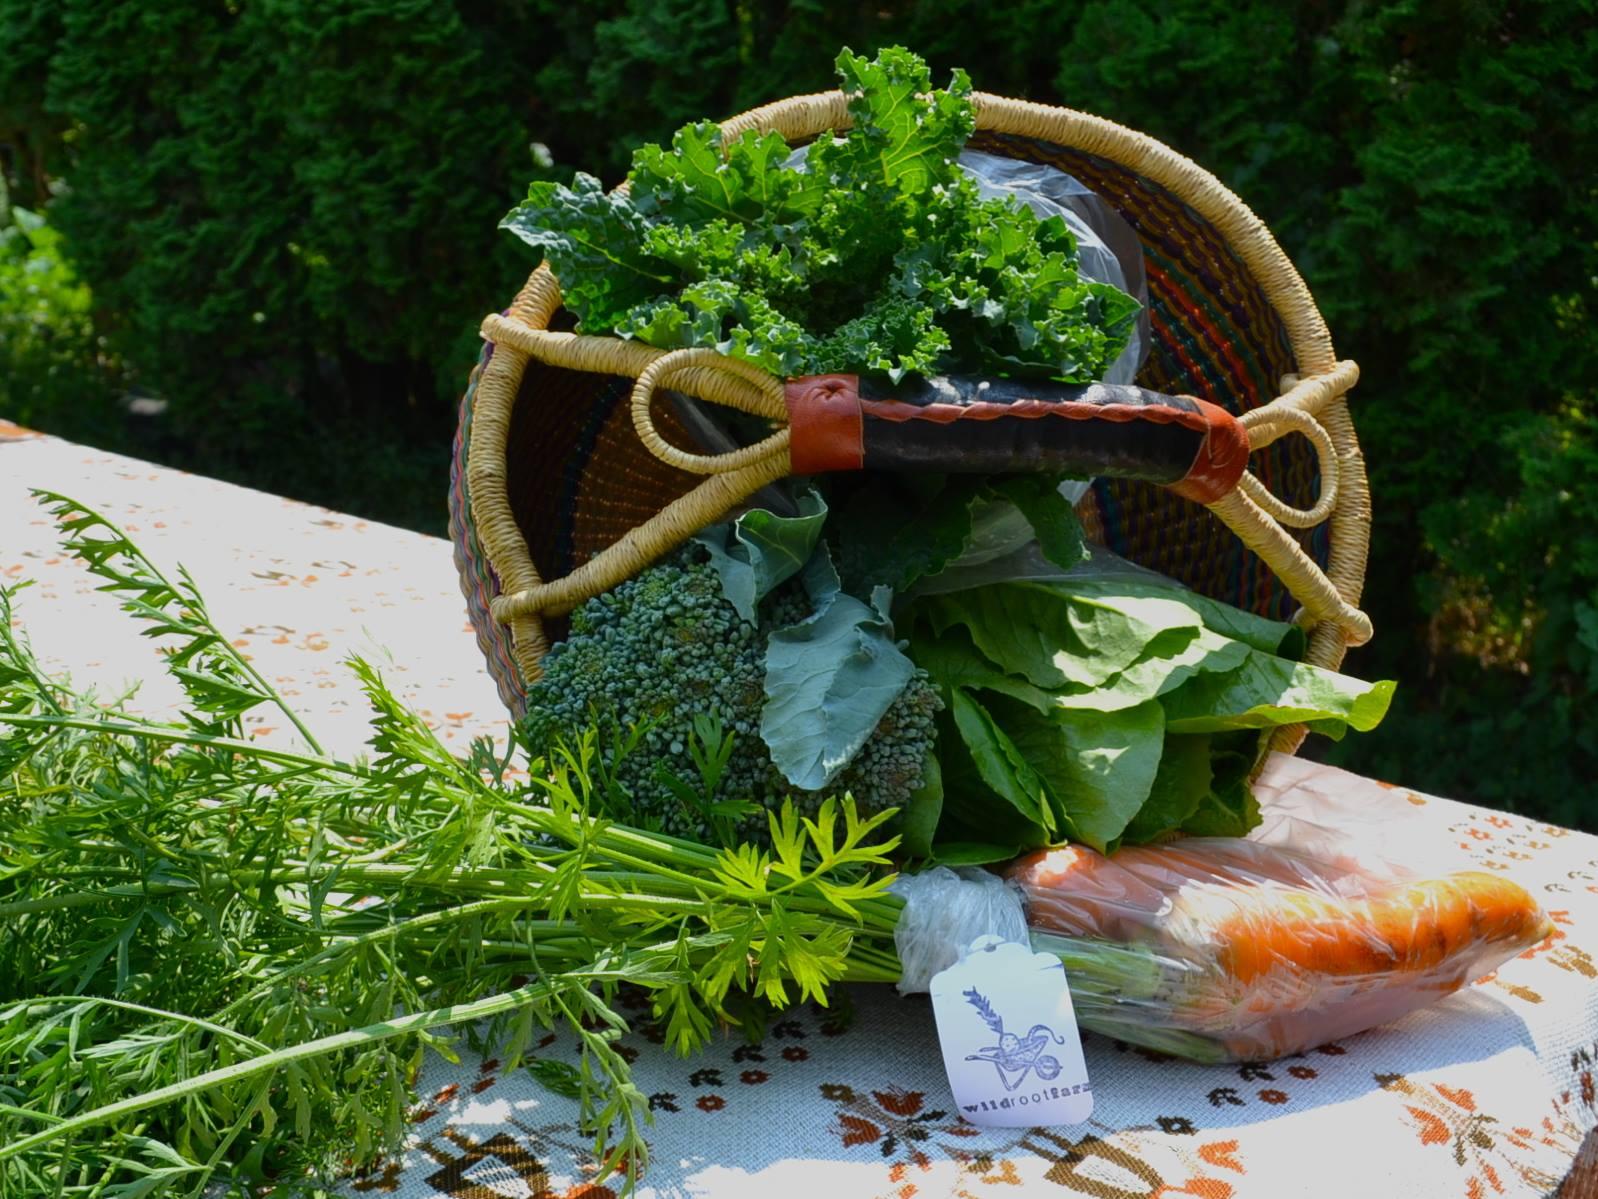 veggie in basket